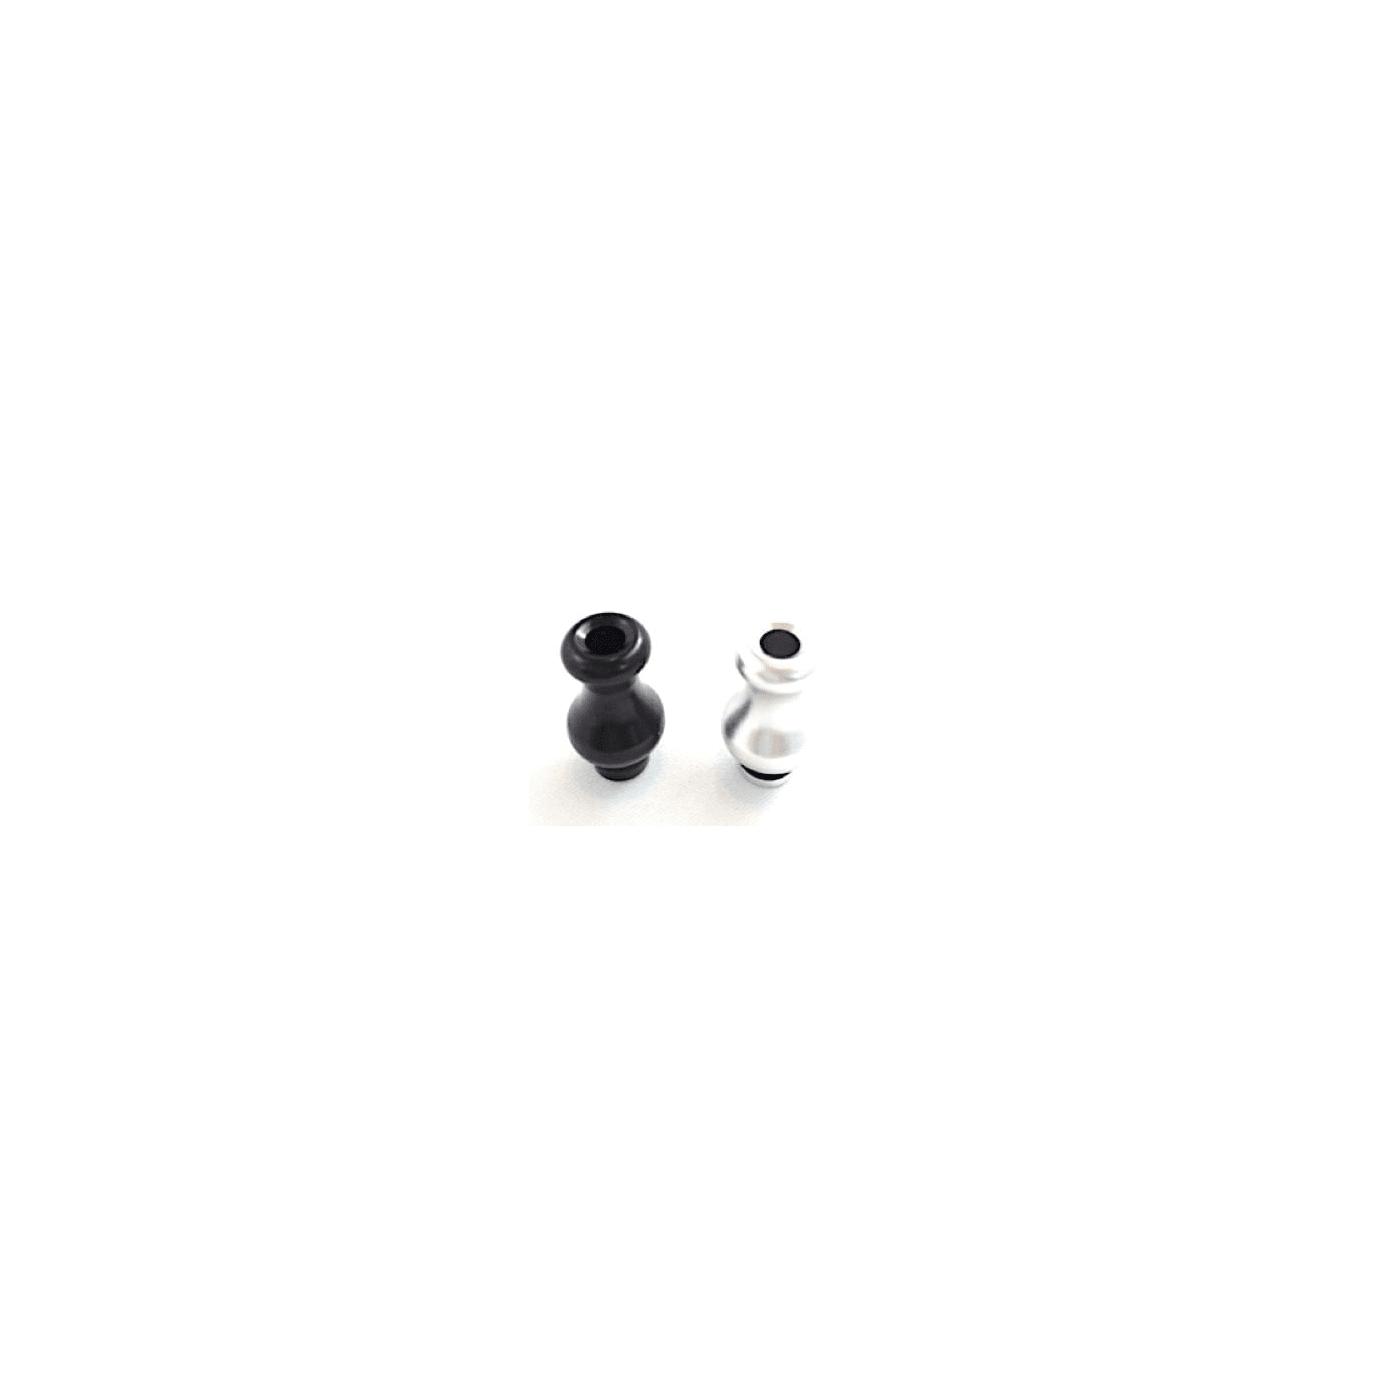 Jewel 510 Fatty Aluminum Drip Tip